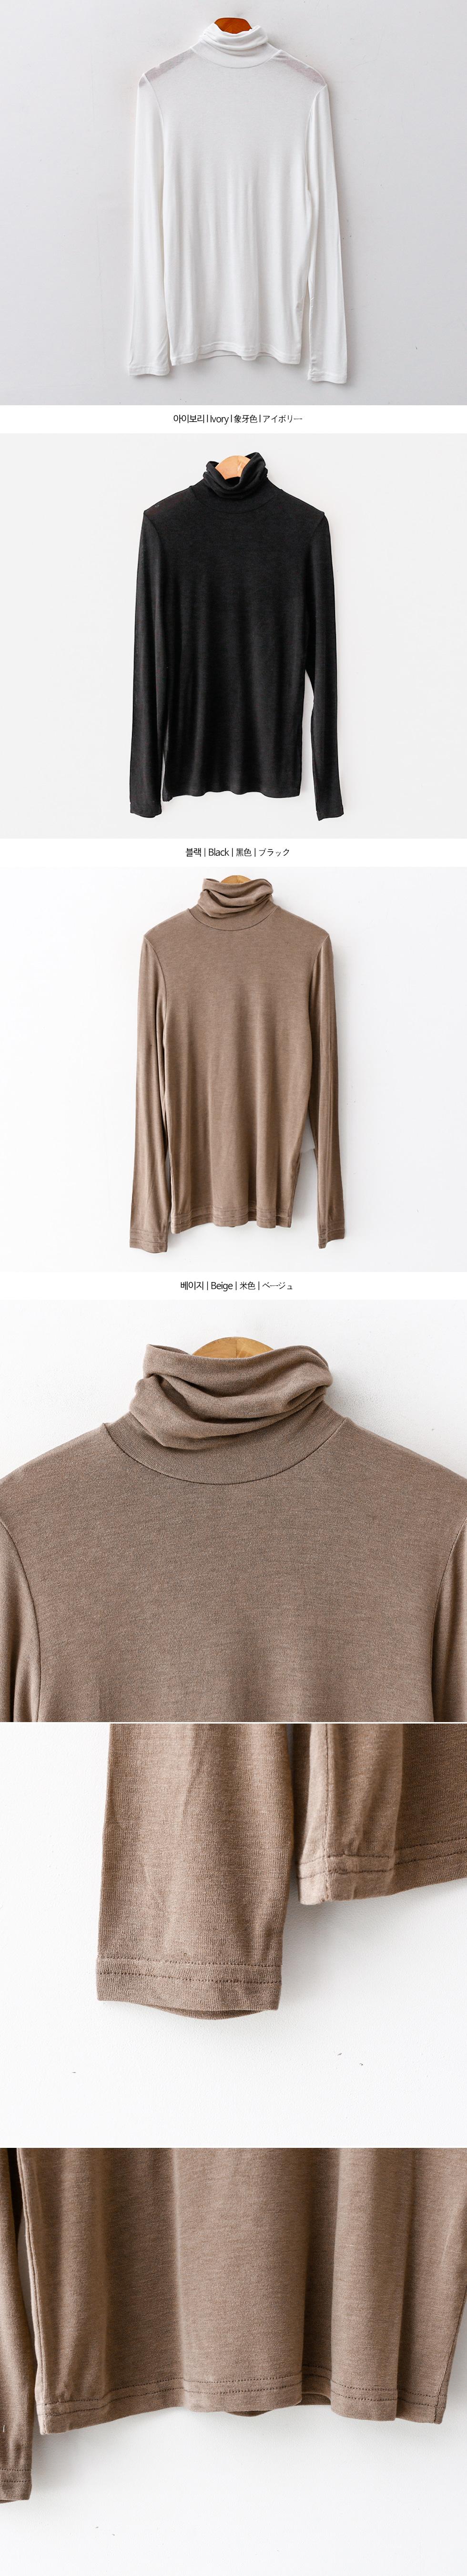 ストレッチレーヨンソフトタートルネックTシャツ